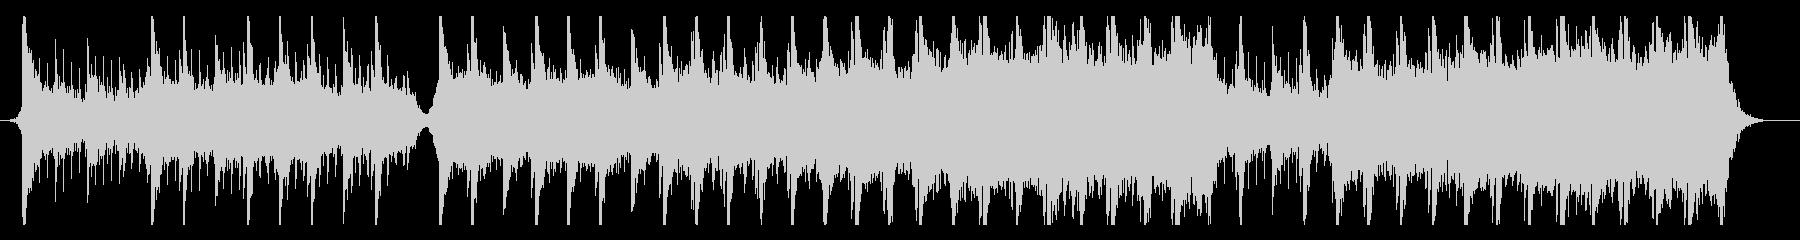 ハリウッド映画風壮大オケ9 /ドラム抜きの未再生の波形